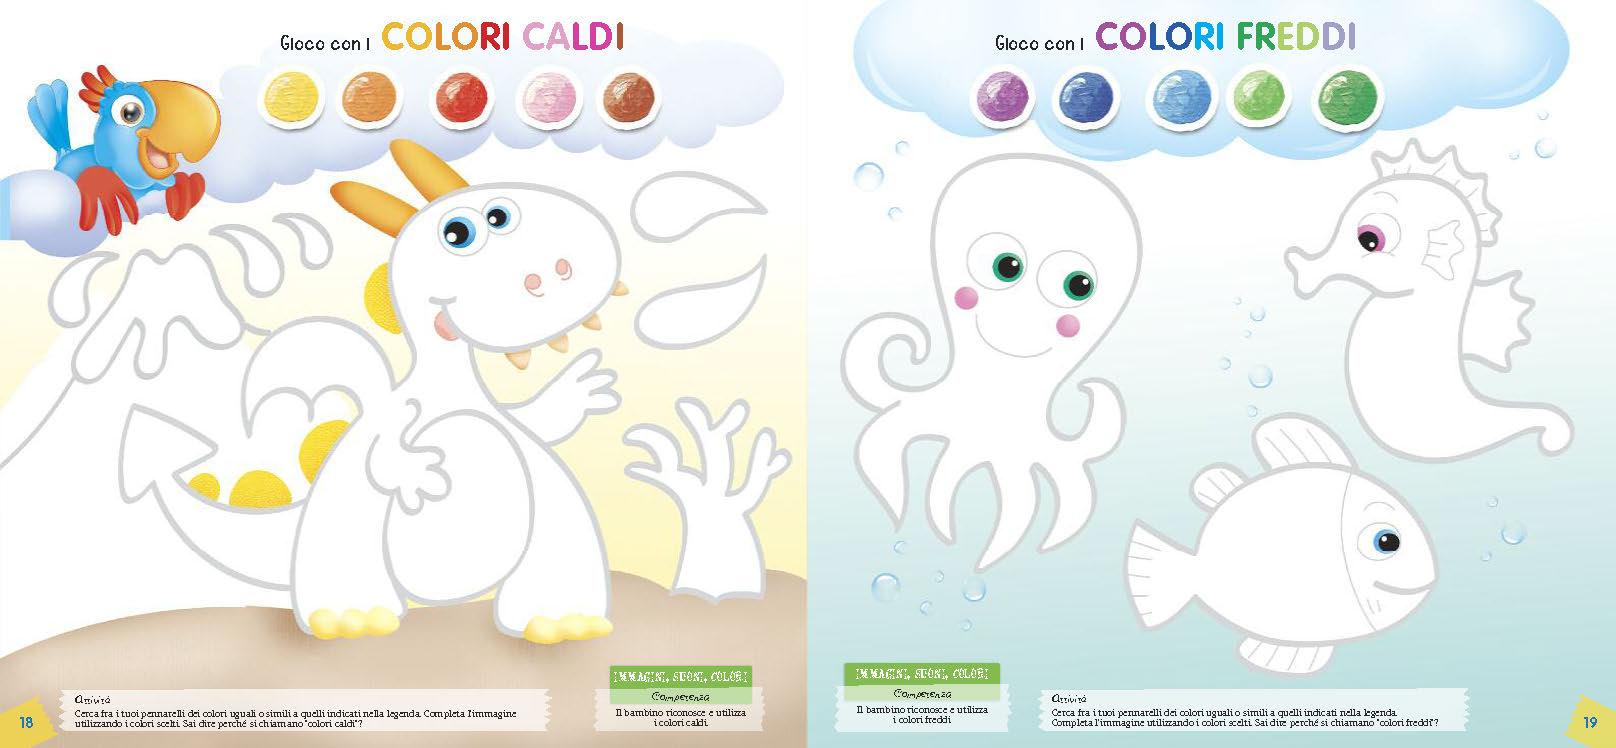 Colori caldi e colori freddi